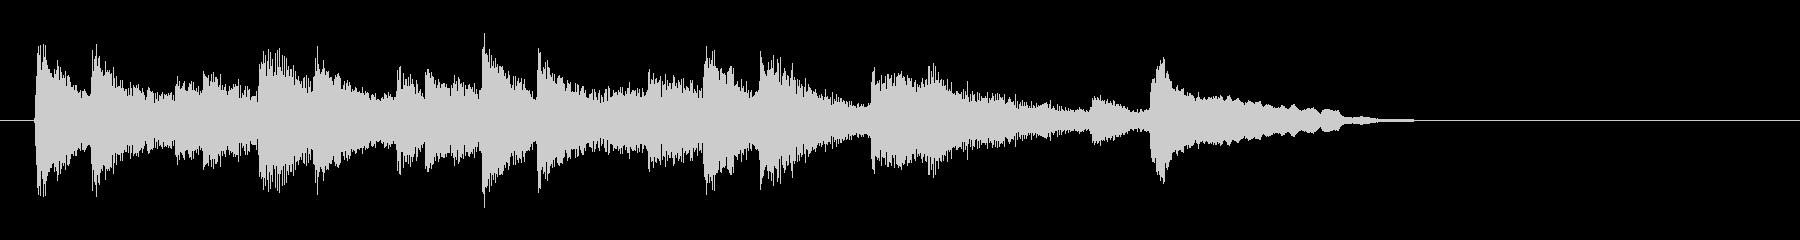 落着いたピアノ風バラード(イントロ)の未再生の波形